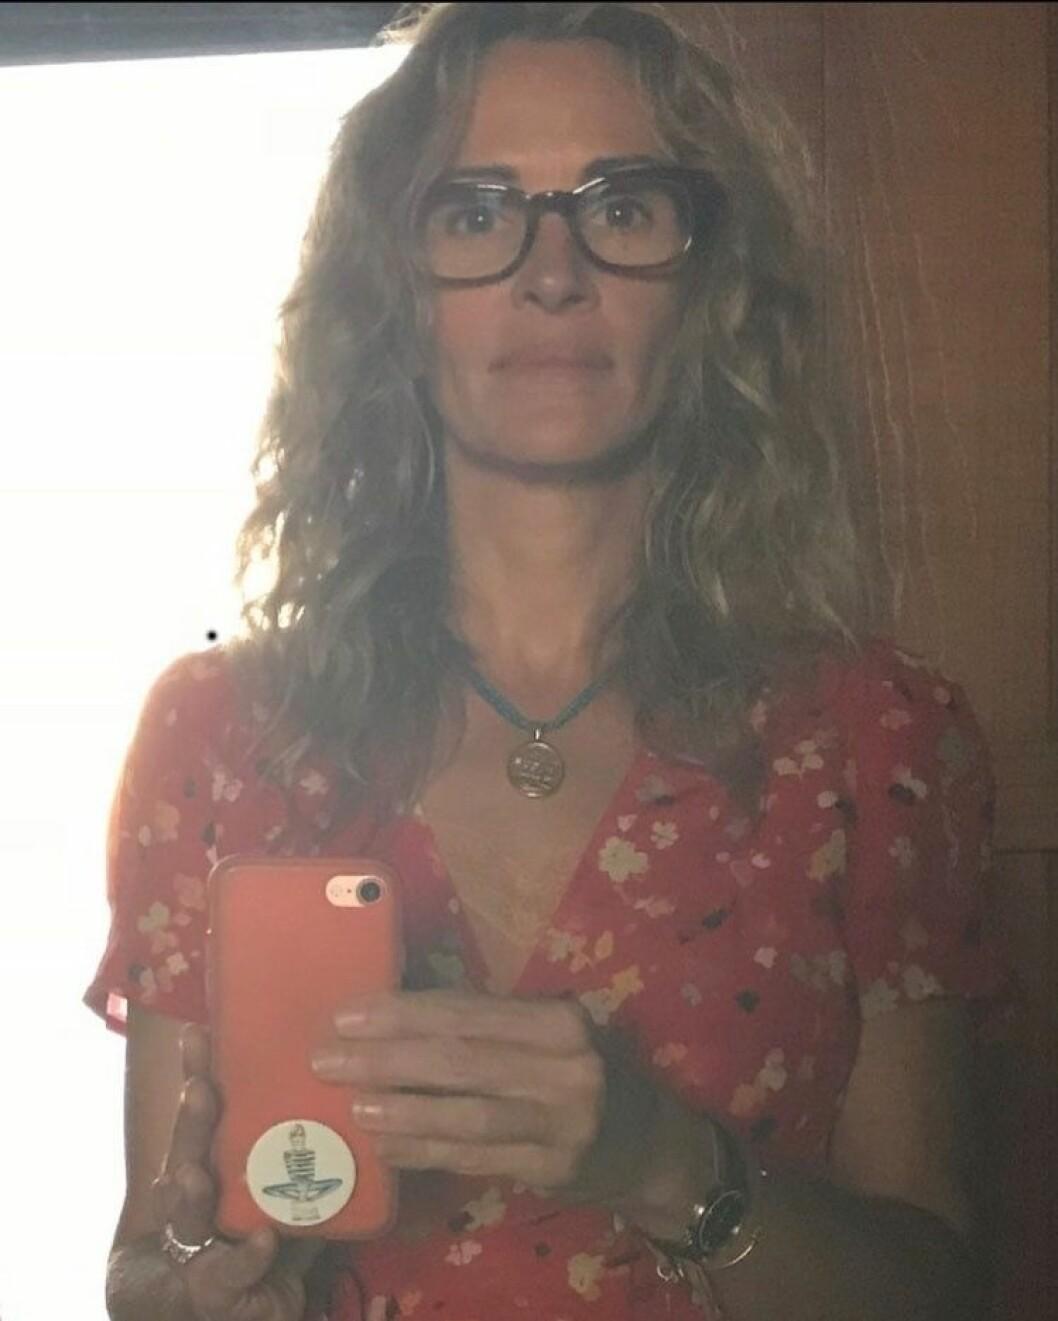 Julia Roberts i glasögon, utan smink och utsläppt hår